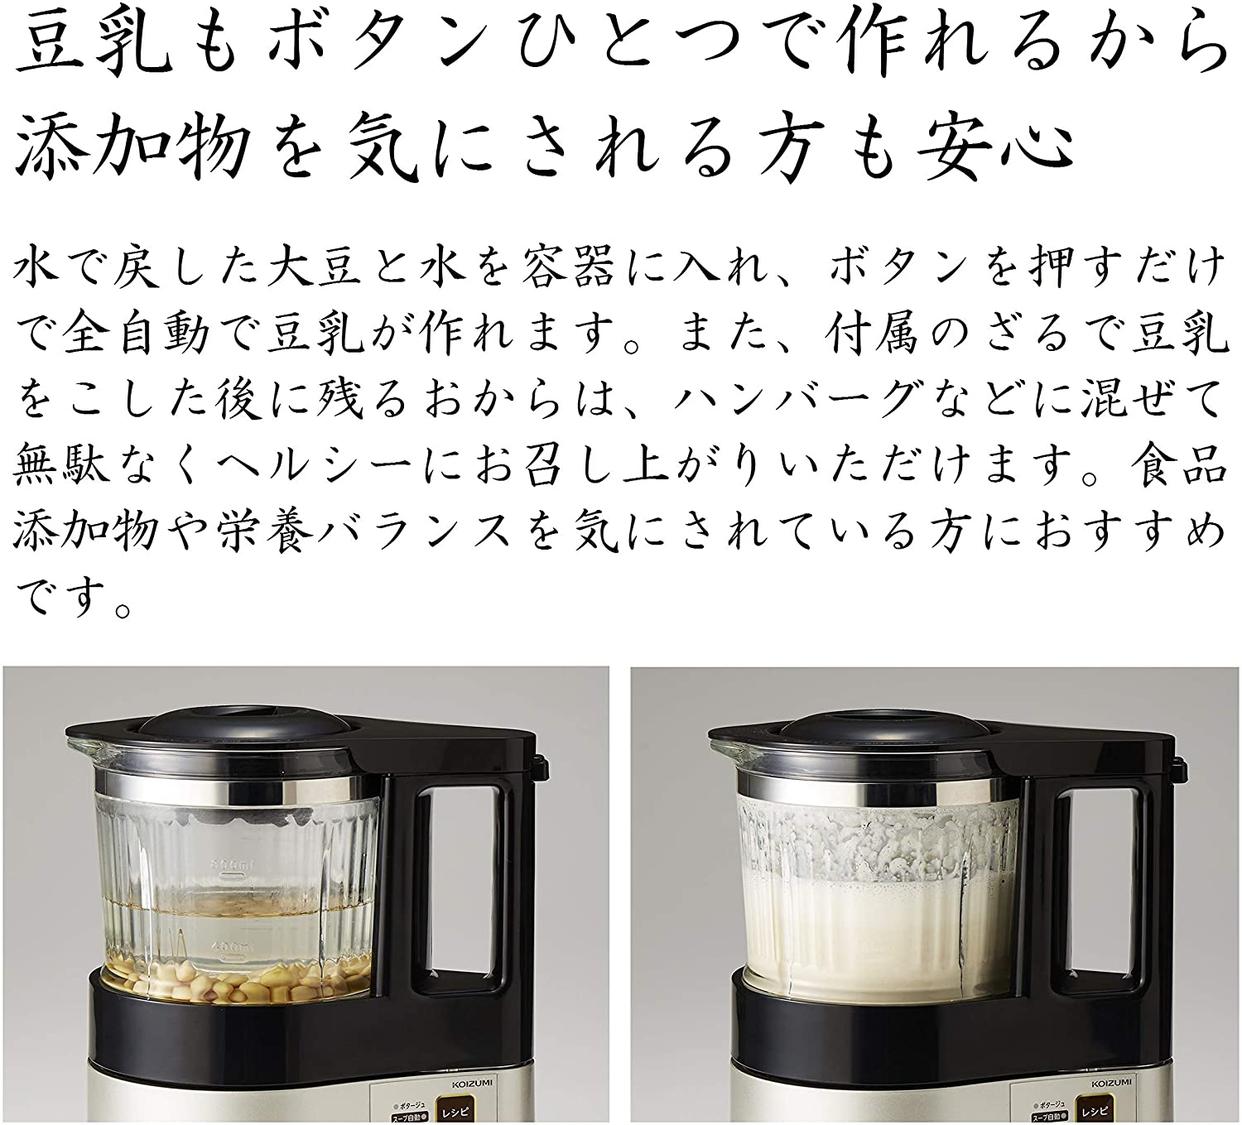 KOIZUMI(コイズミ) スープメーカー KSM-1020/Nの商品画像4